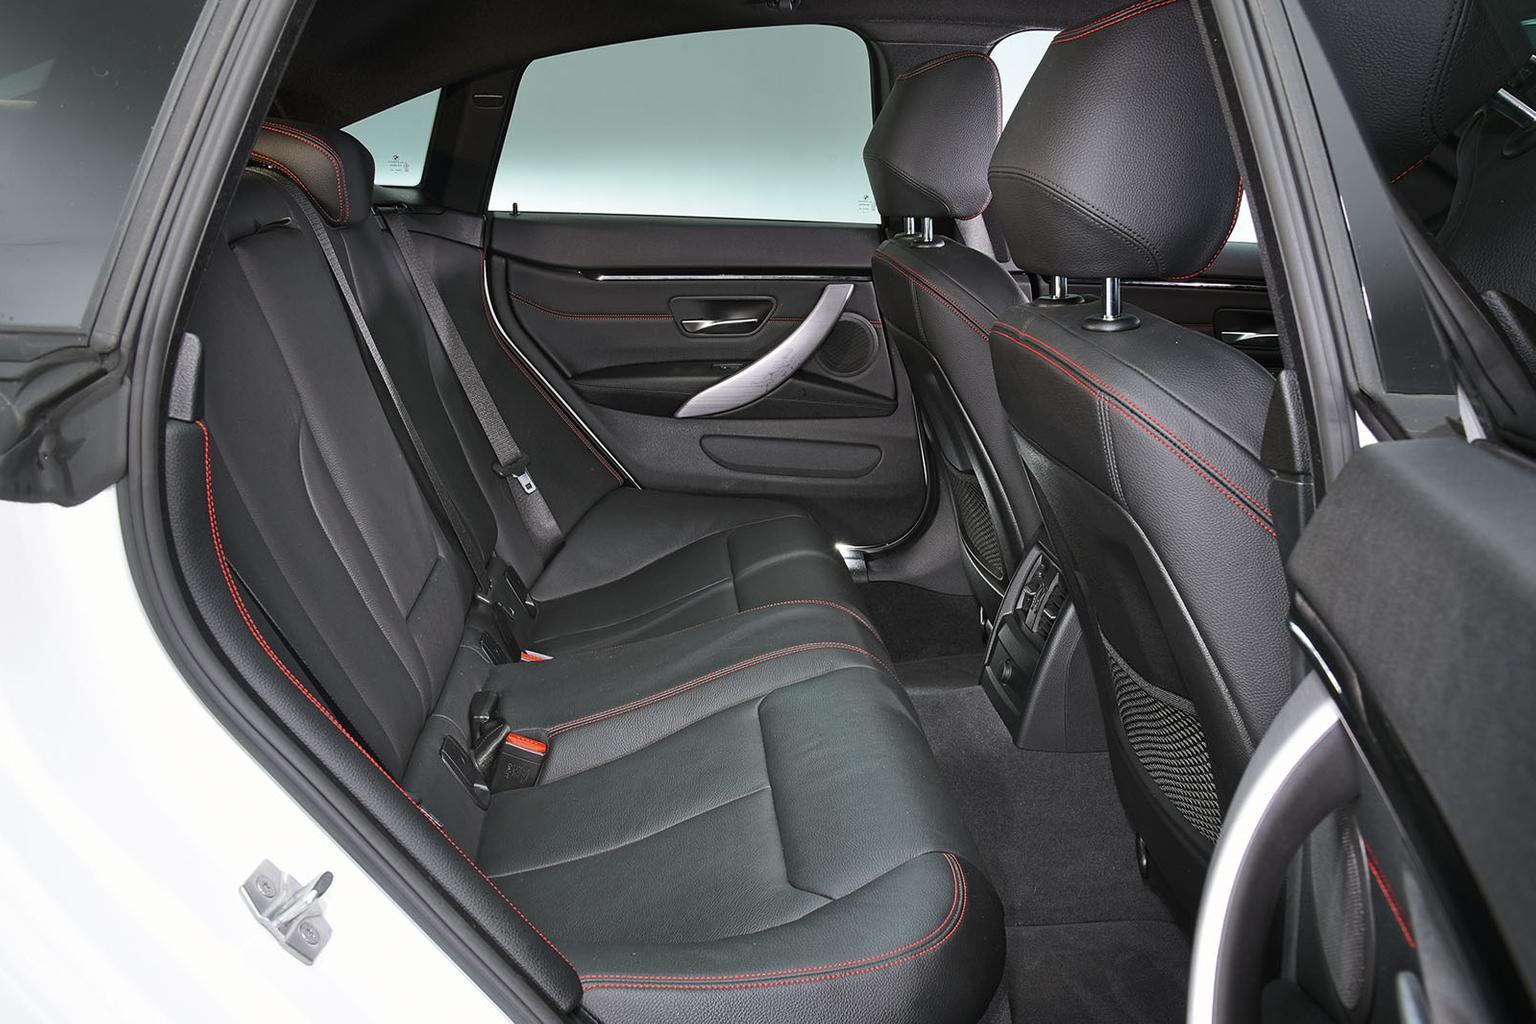 New Audi A5 Sportback vs BMW 4 Series Gran Coupe